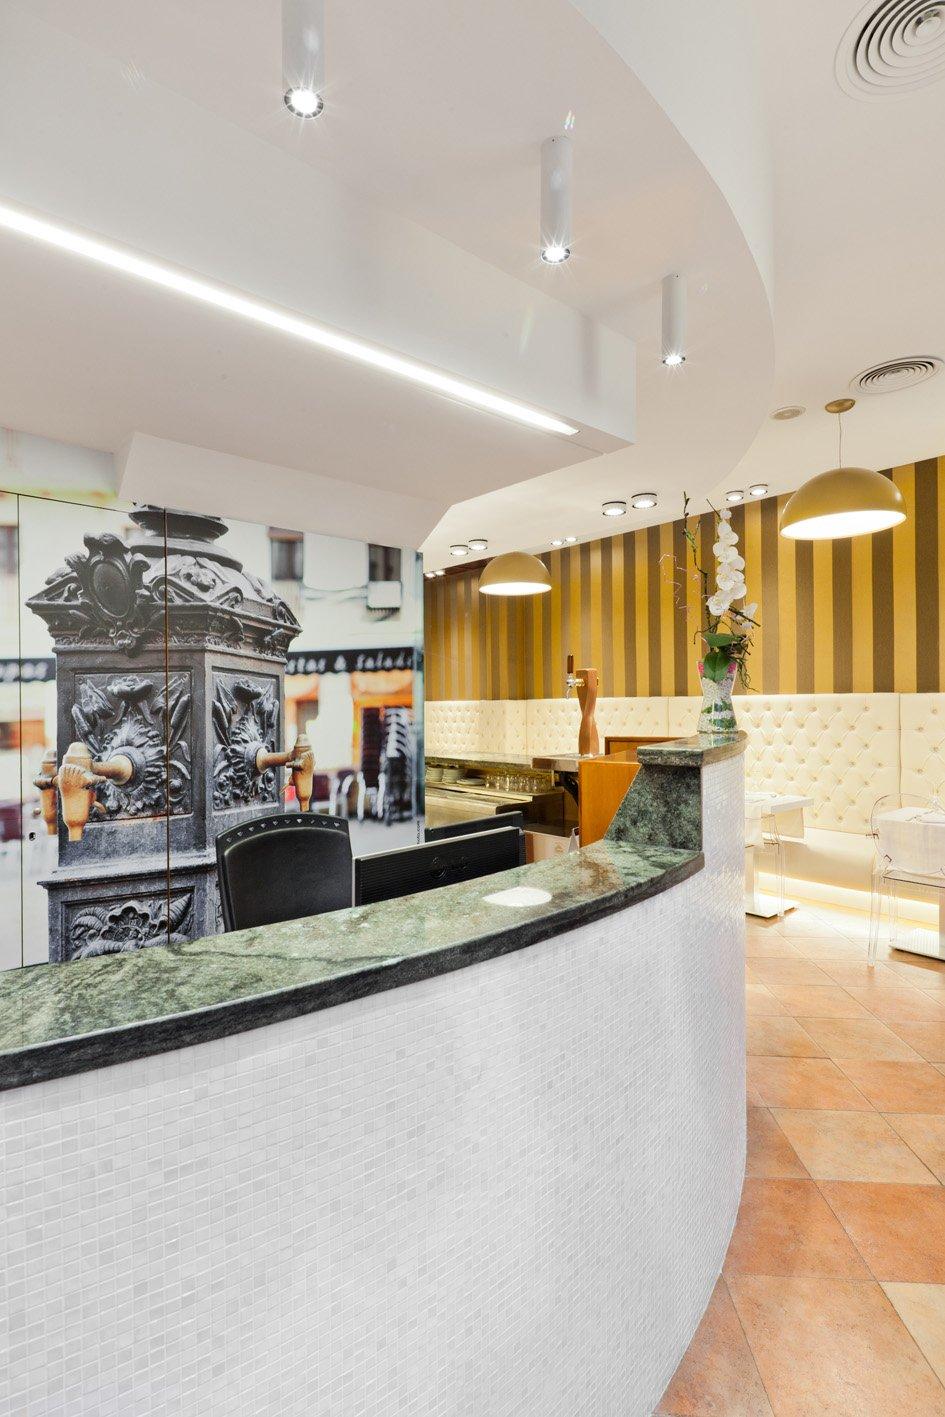 hotel_la_fontnombre_del_documento_30-f0b2a9319e383aa55bf5fd16dc9e399f